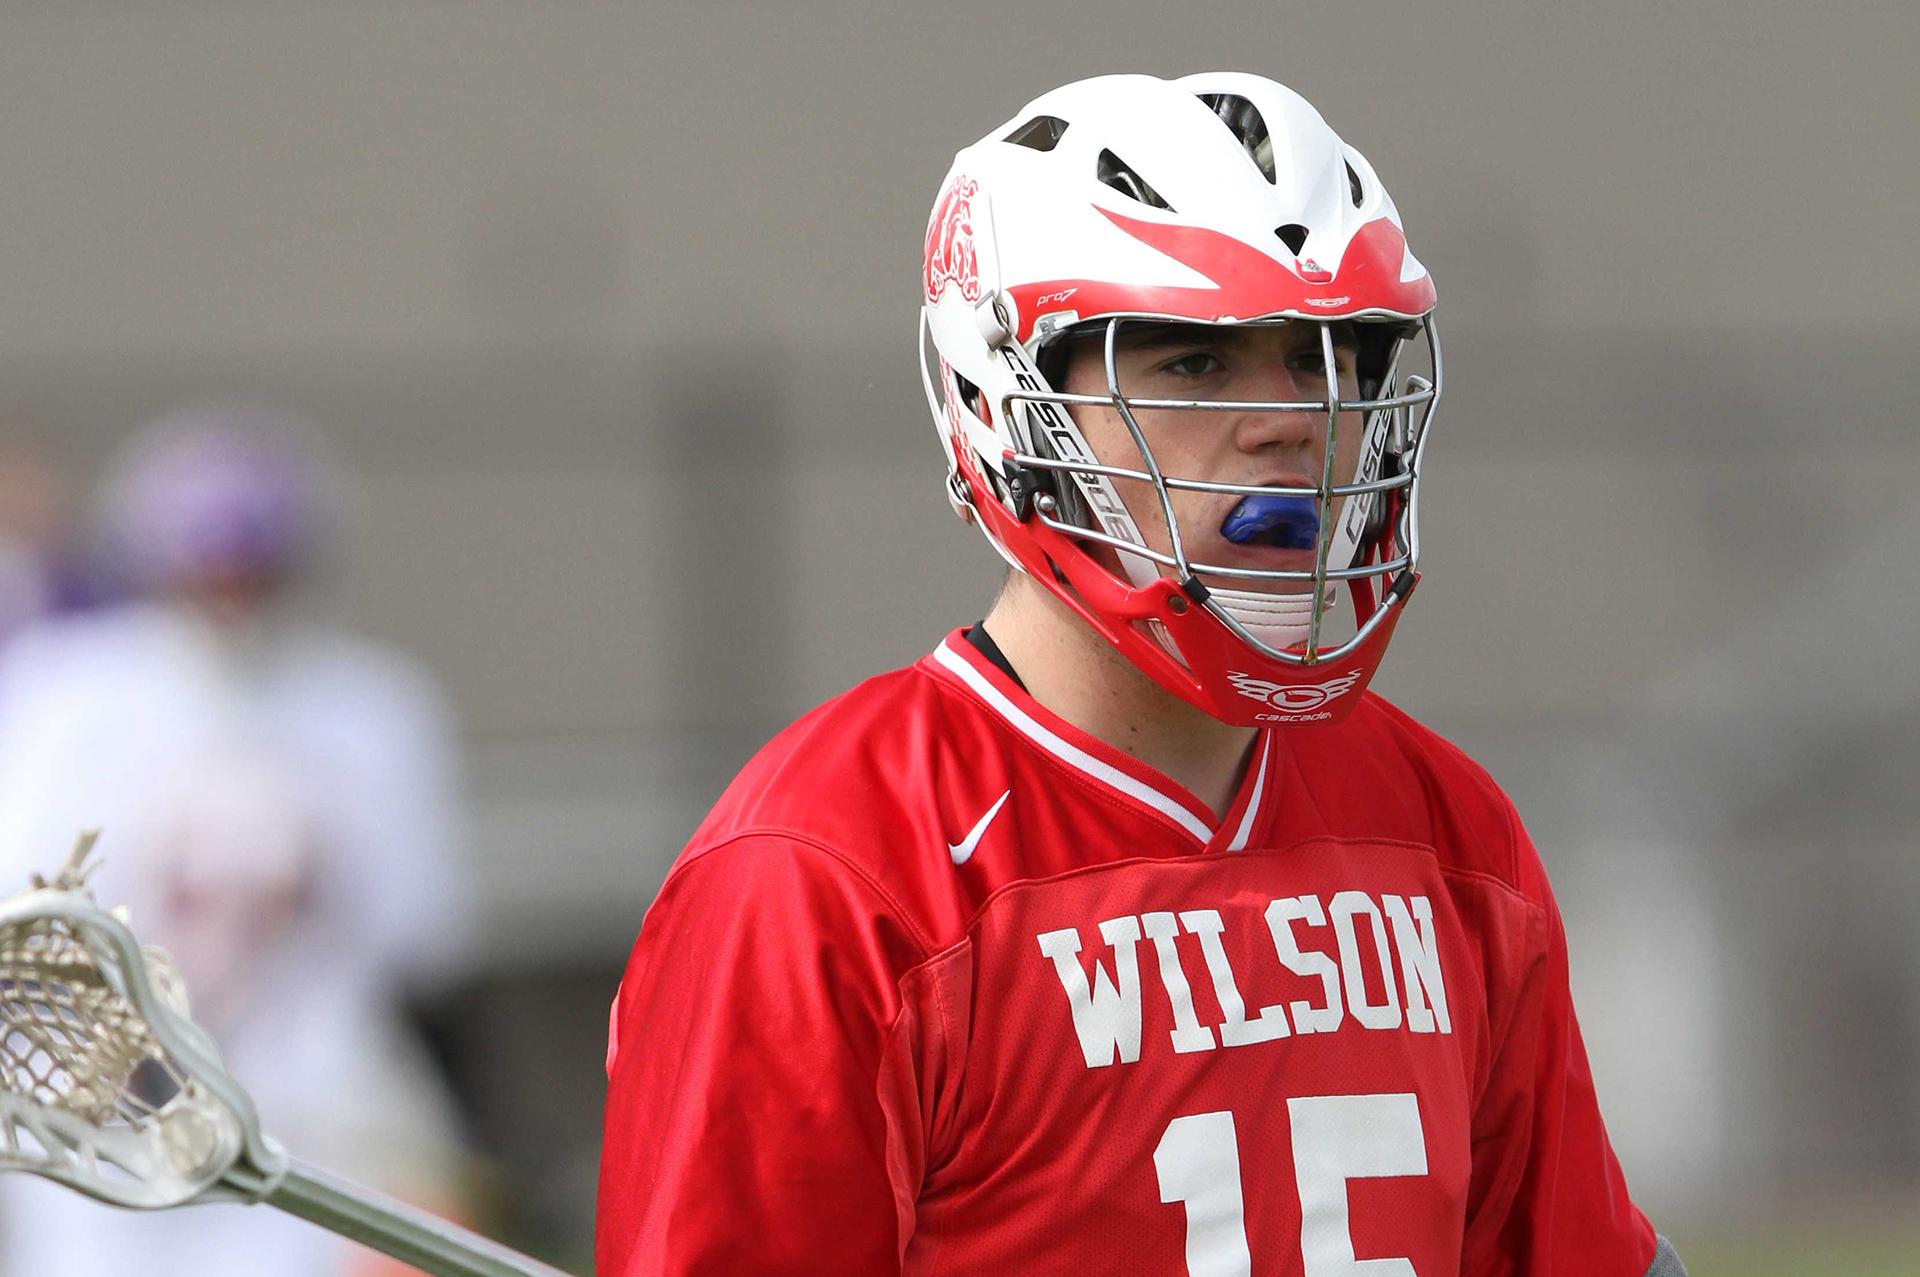 Wilson-2013-1